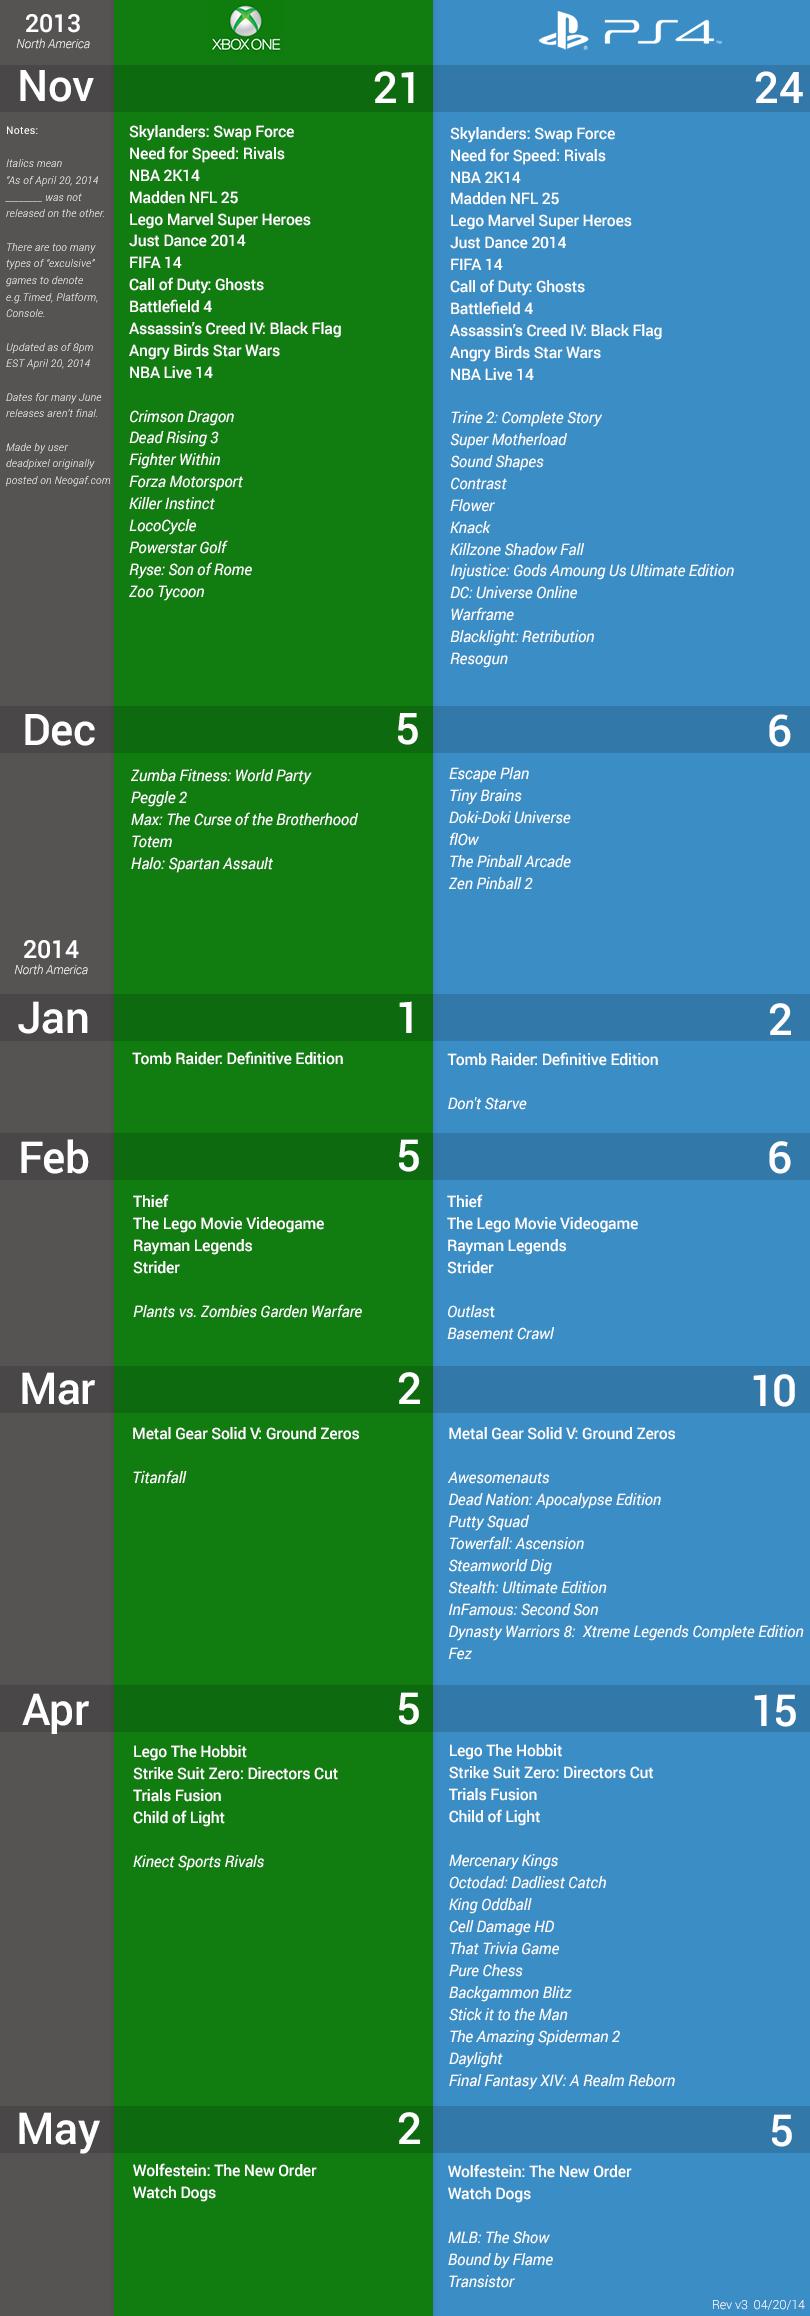 PS4 vs. Xbox One: Консоль от Sony лидирует по количеству выпущенных игр - Изображение 1